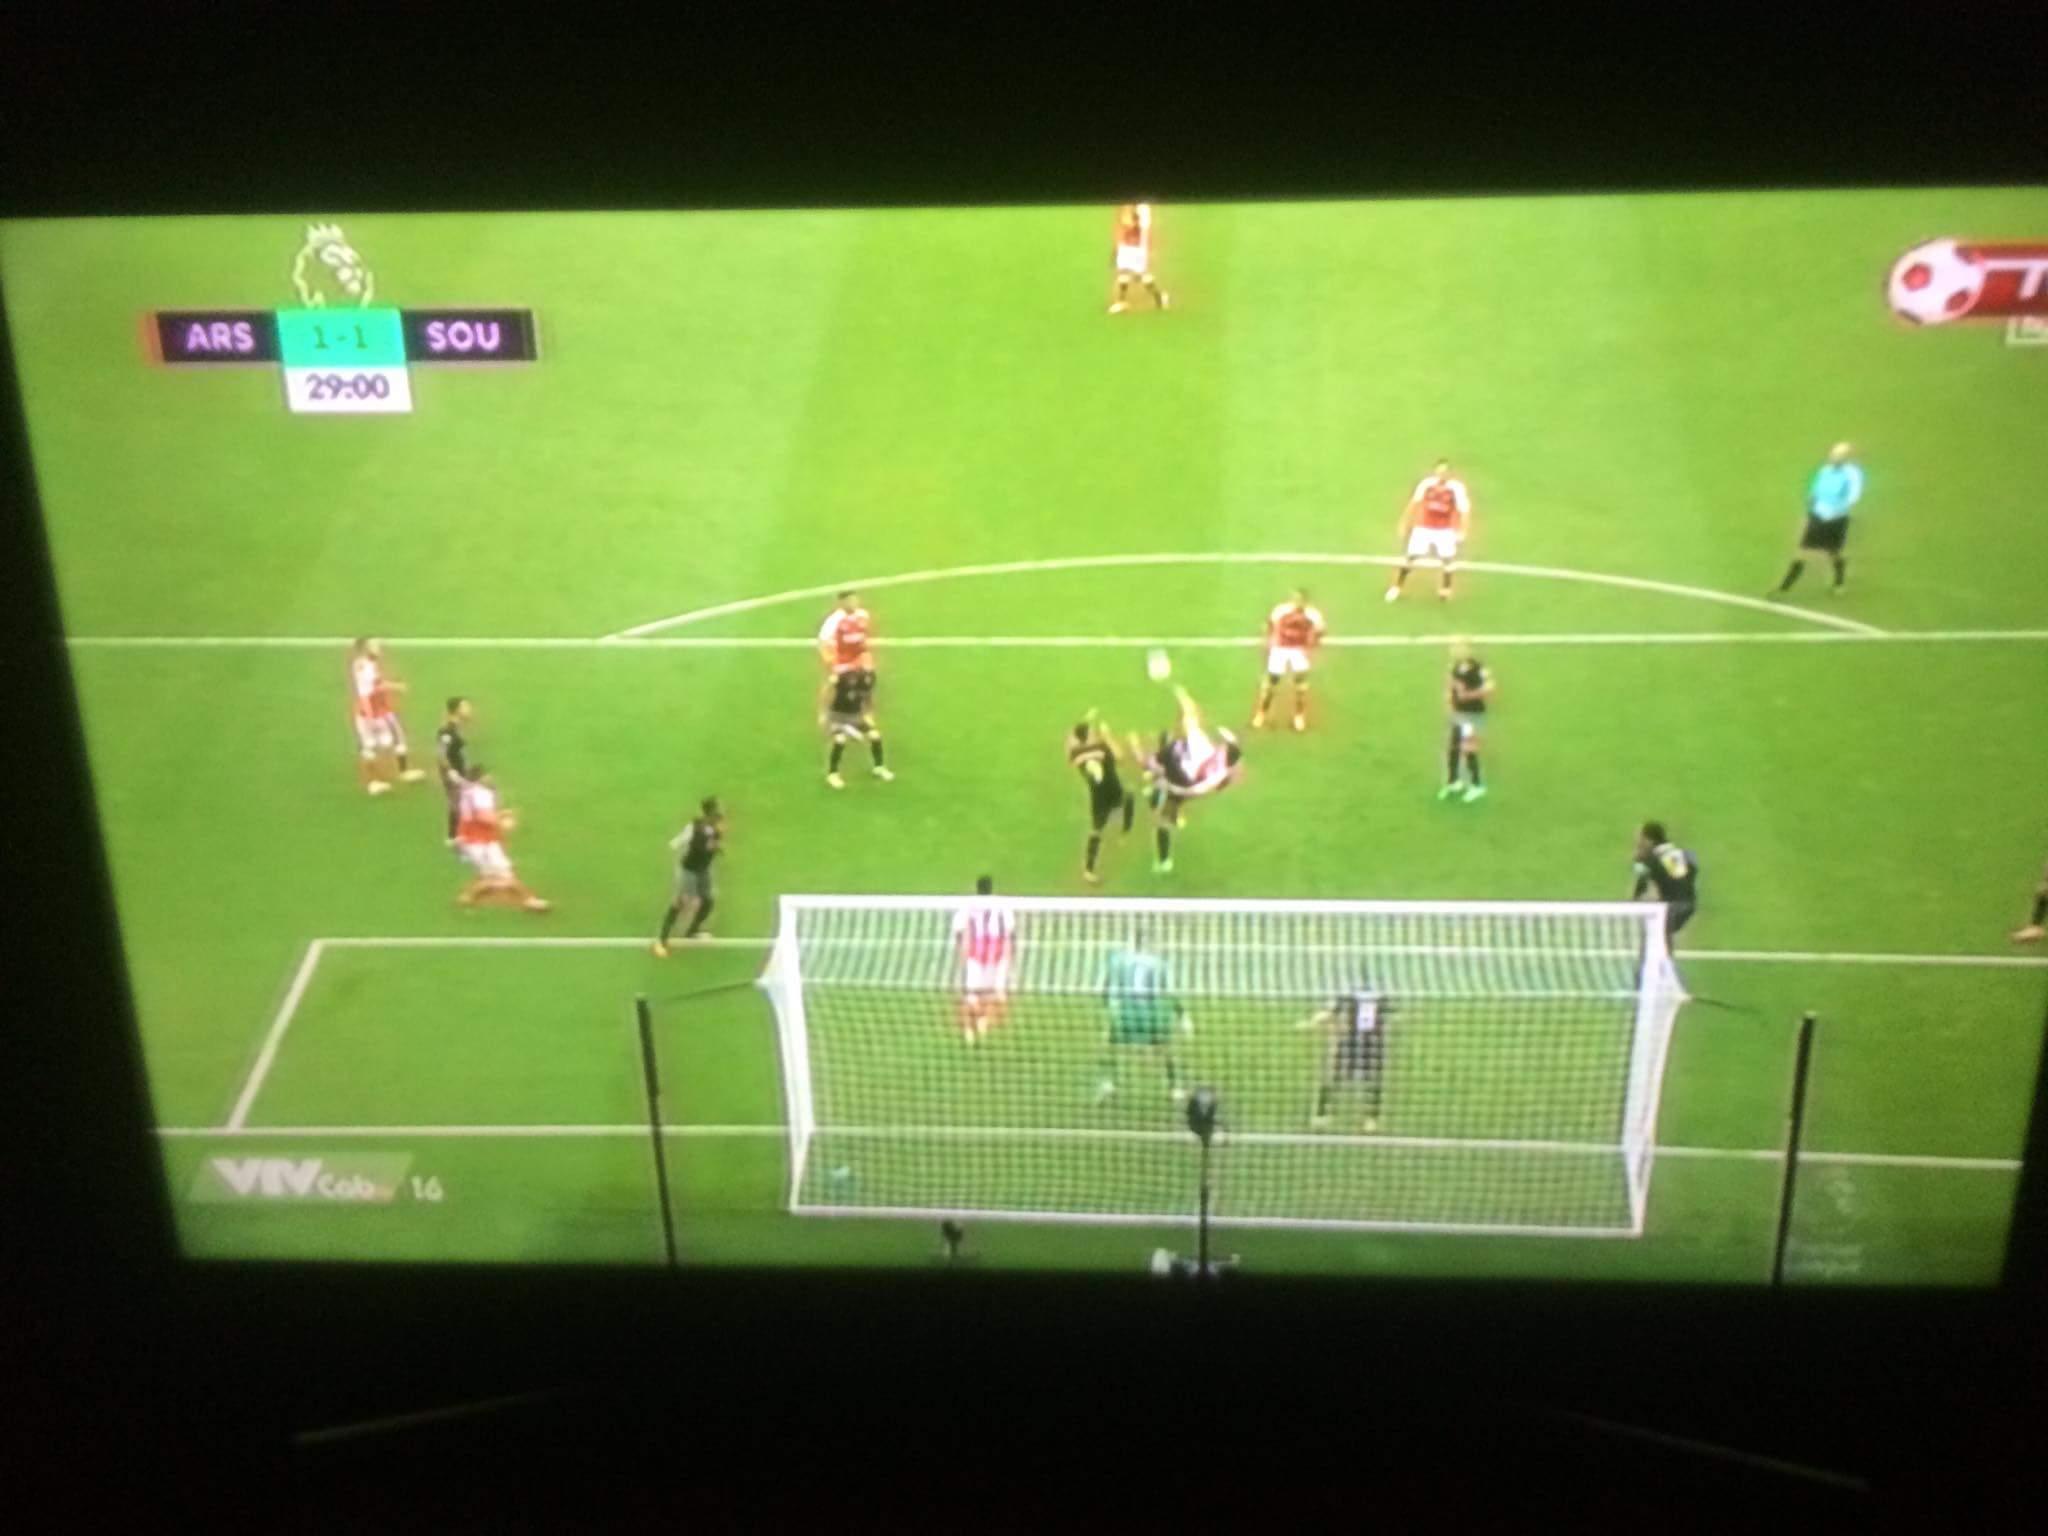 GOALLLLLL......siêu tiền đạo Kos ghi bàn siêu phẩm gỡ hòa cho Arsenalllllllllll